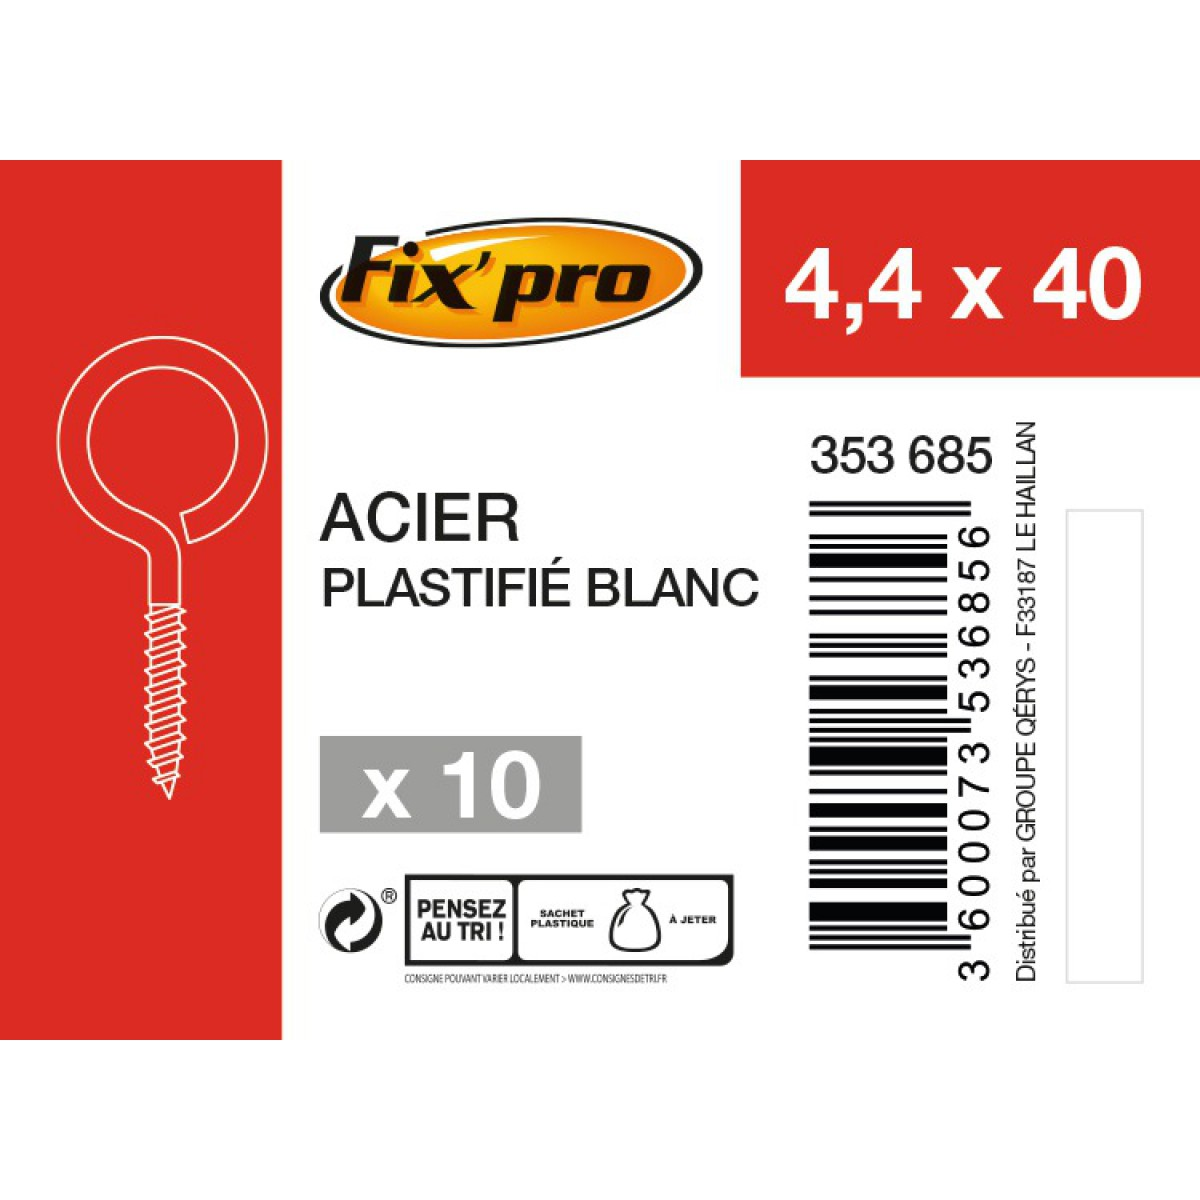 Piton à visser plastifié blanc - 4,4x40 - 10pces - Fixpro